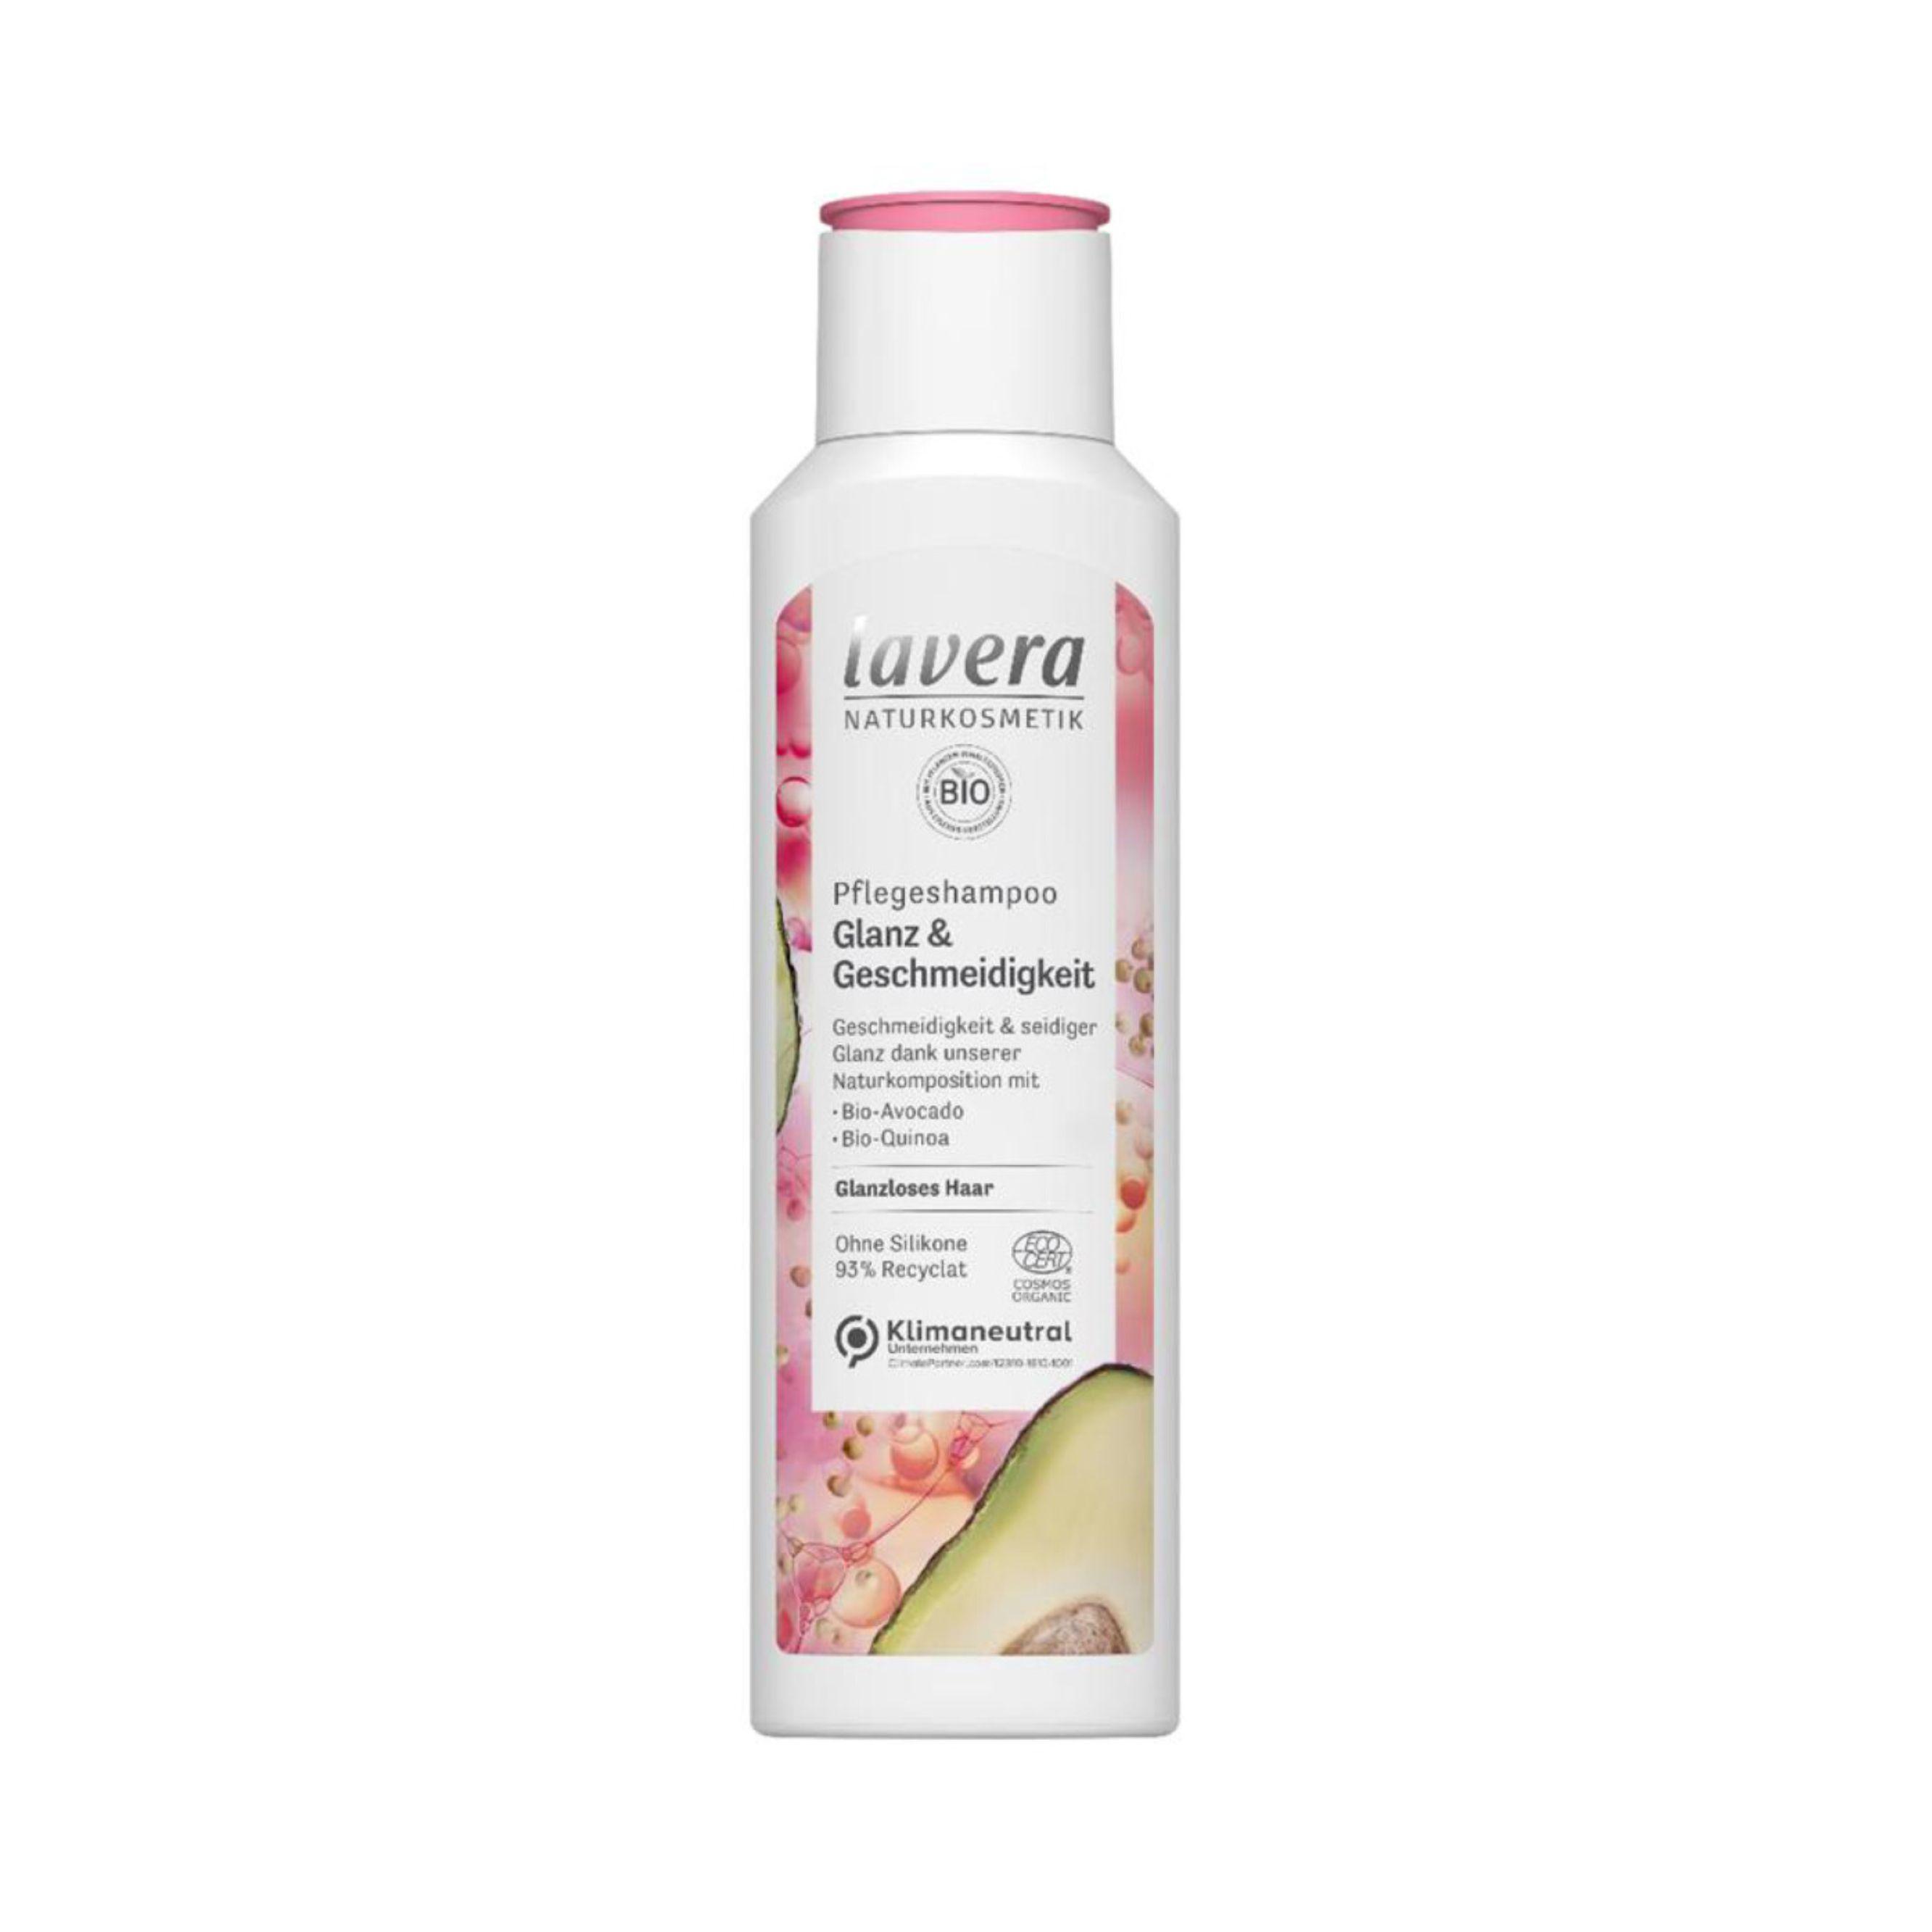 Šampón Glanz & Geschmeidigkeit 250 ml Lavera